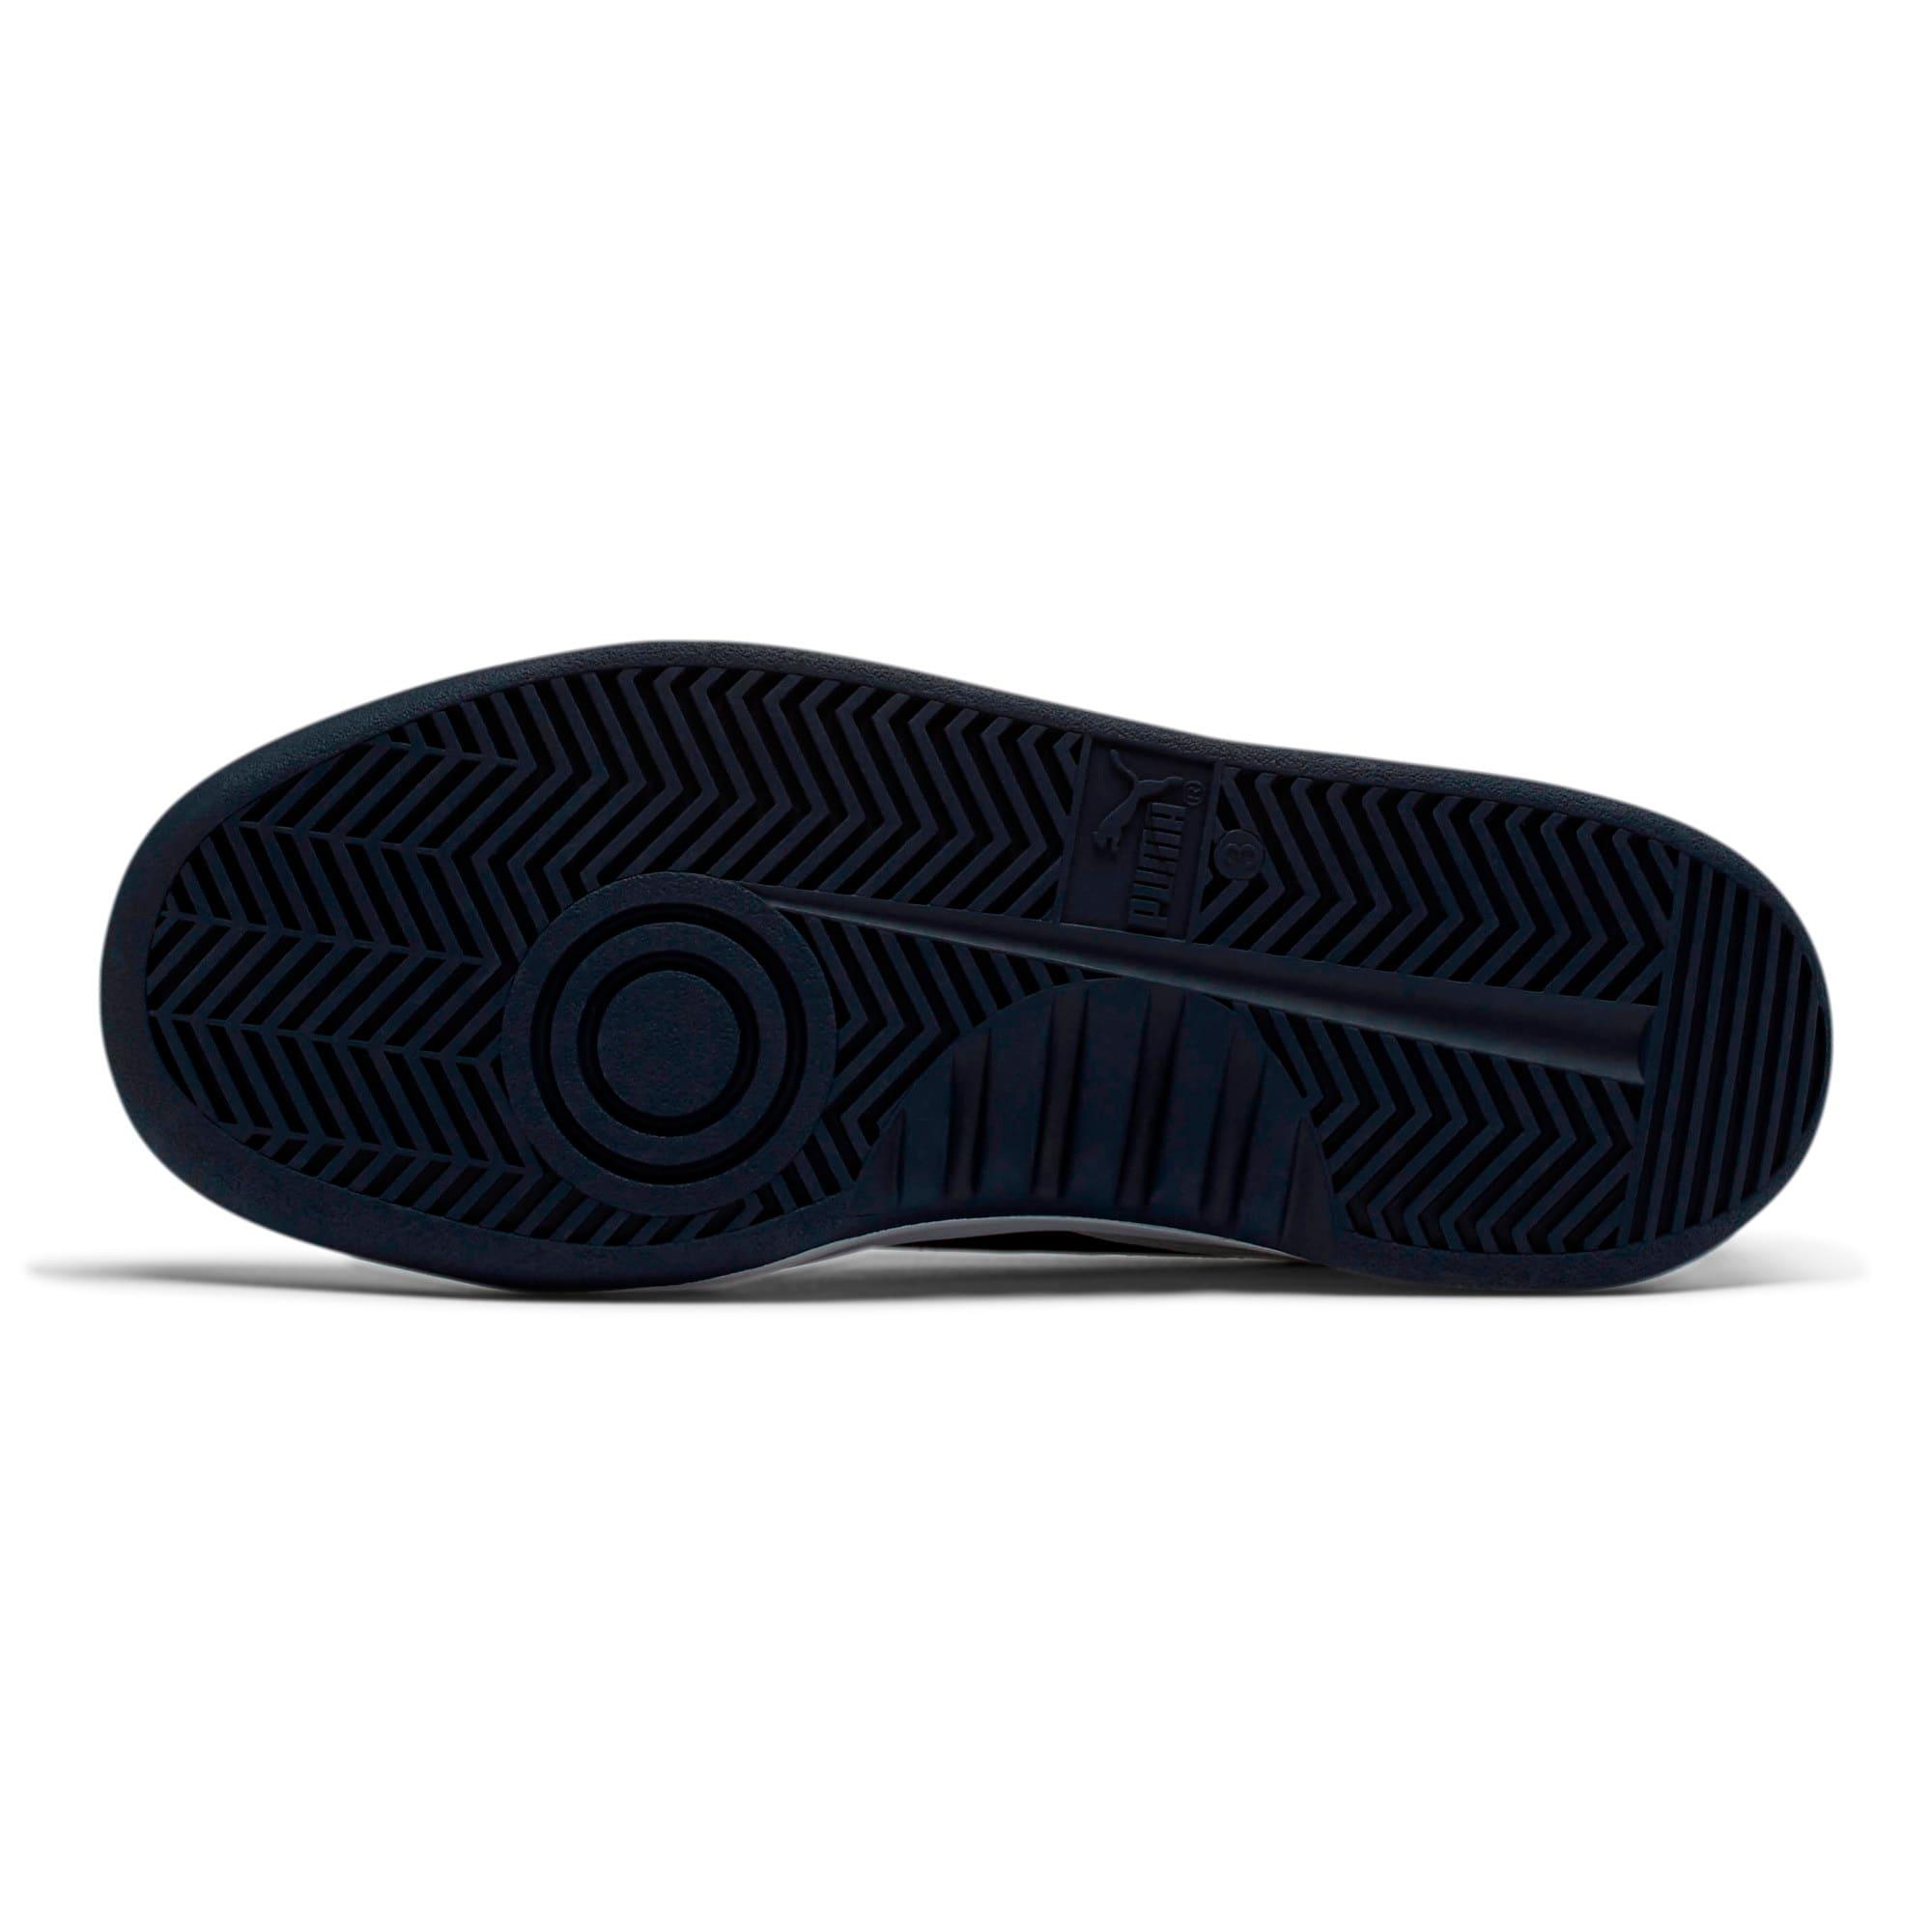 Miniatura 3 de Zapatos deportivos GV Special JR, Puma White-Peacoat, mediano